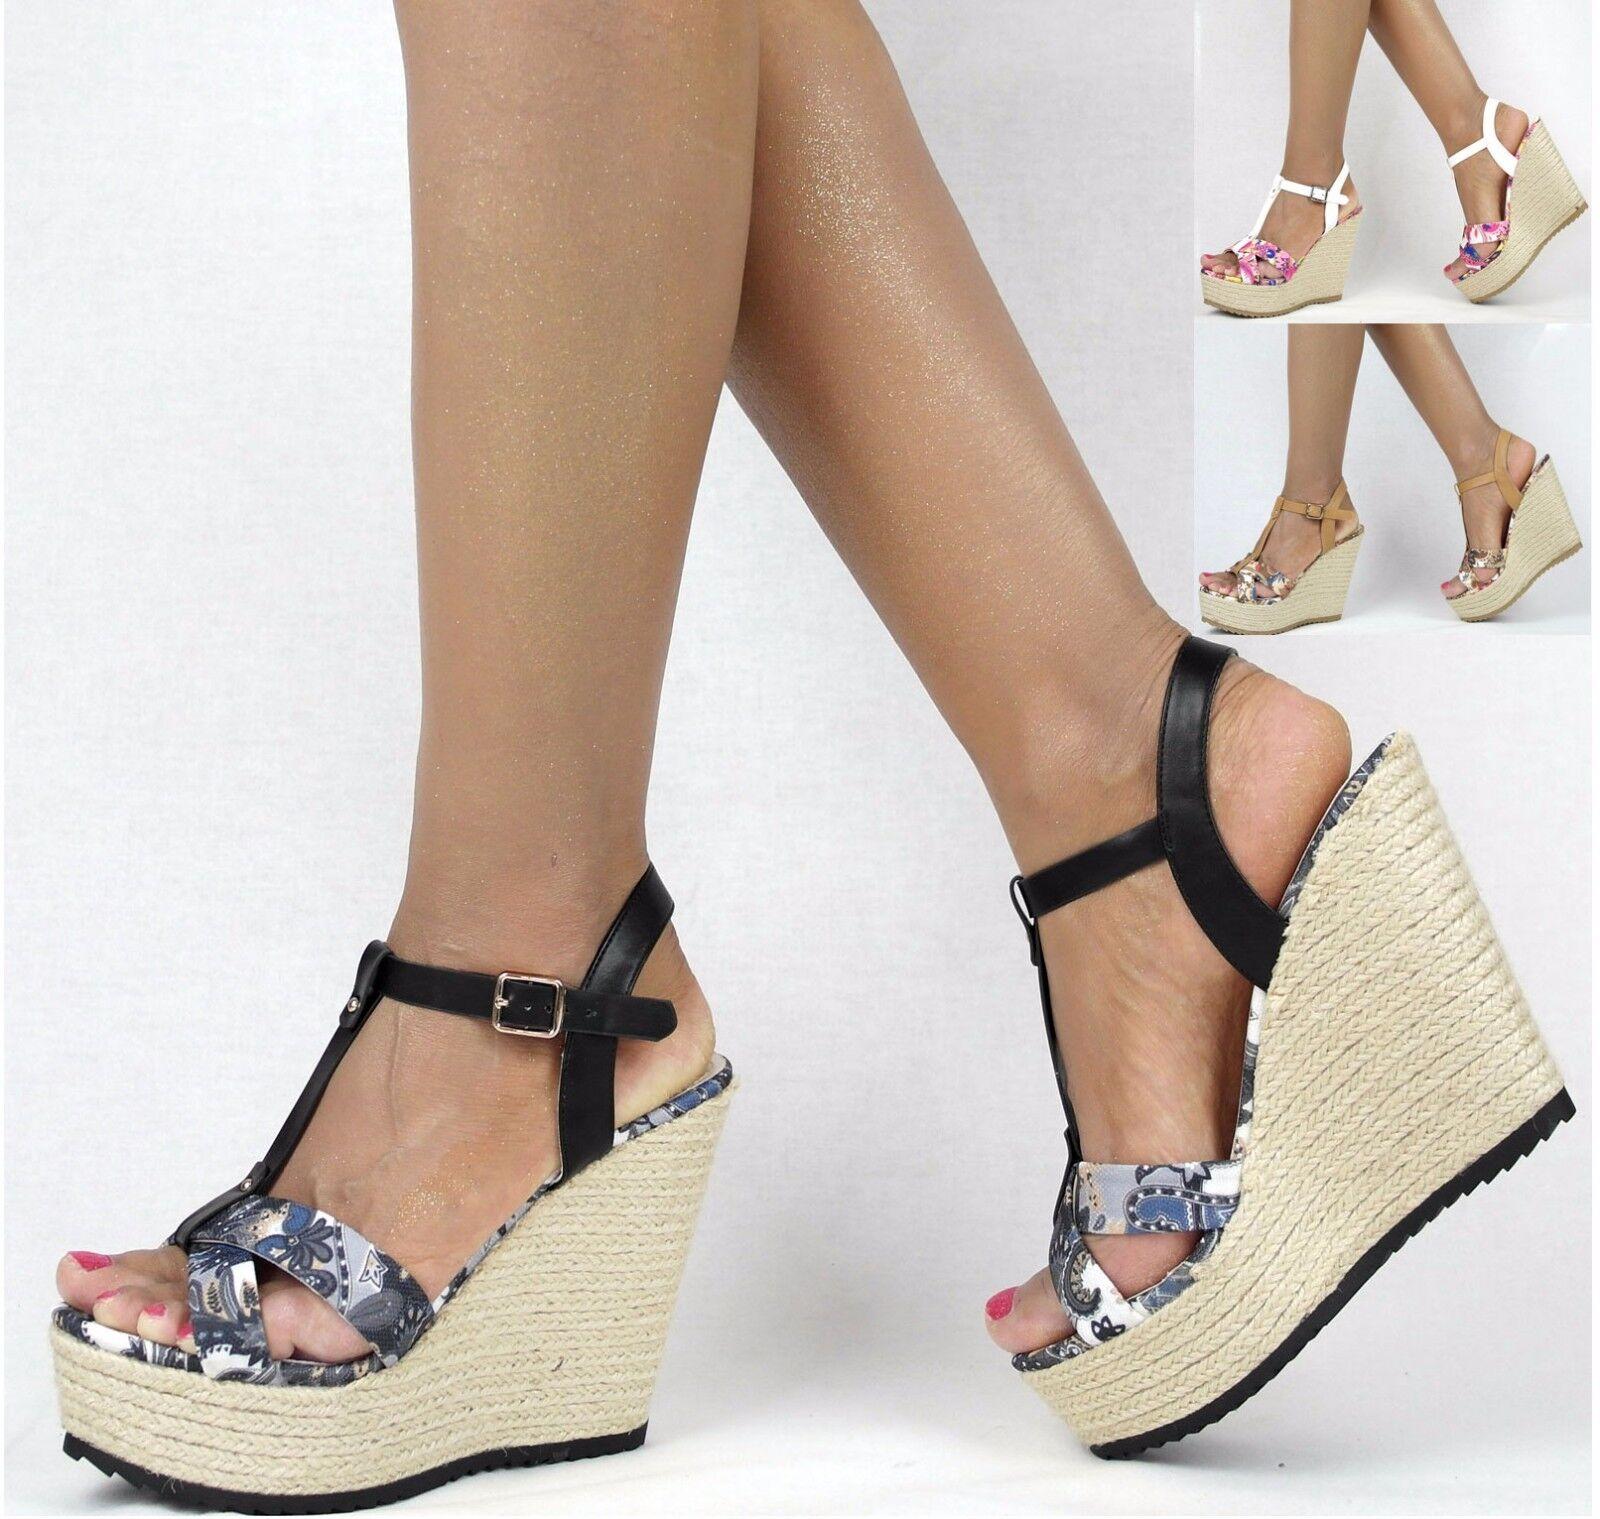 Damenzapatos 36-41 Pumps Party Wedge- Keilabsatz Damen zapatos Party Pumps High Heels Plateau b83ea0